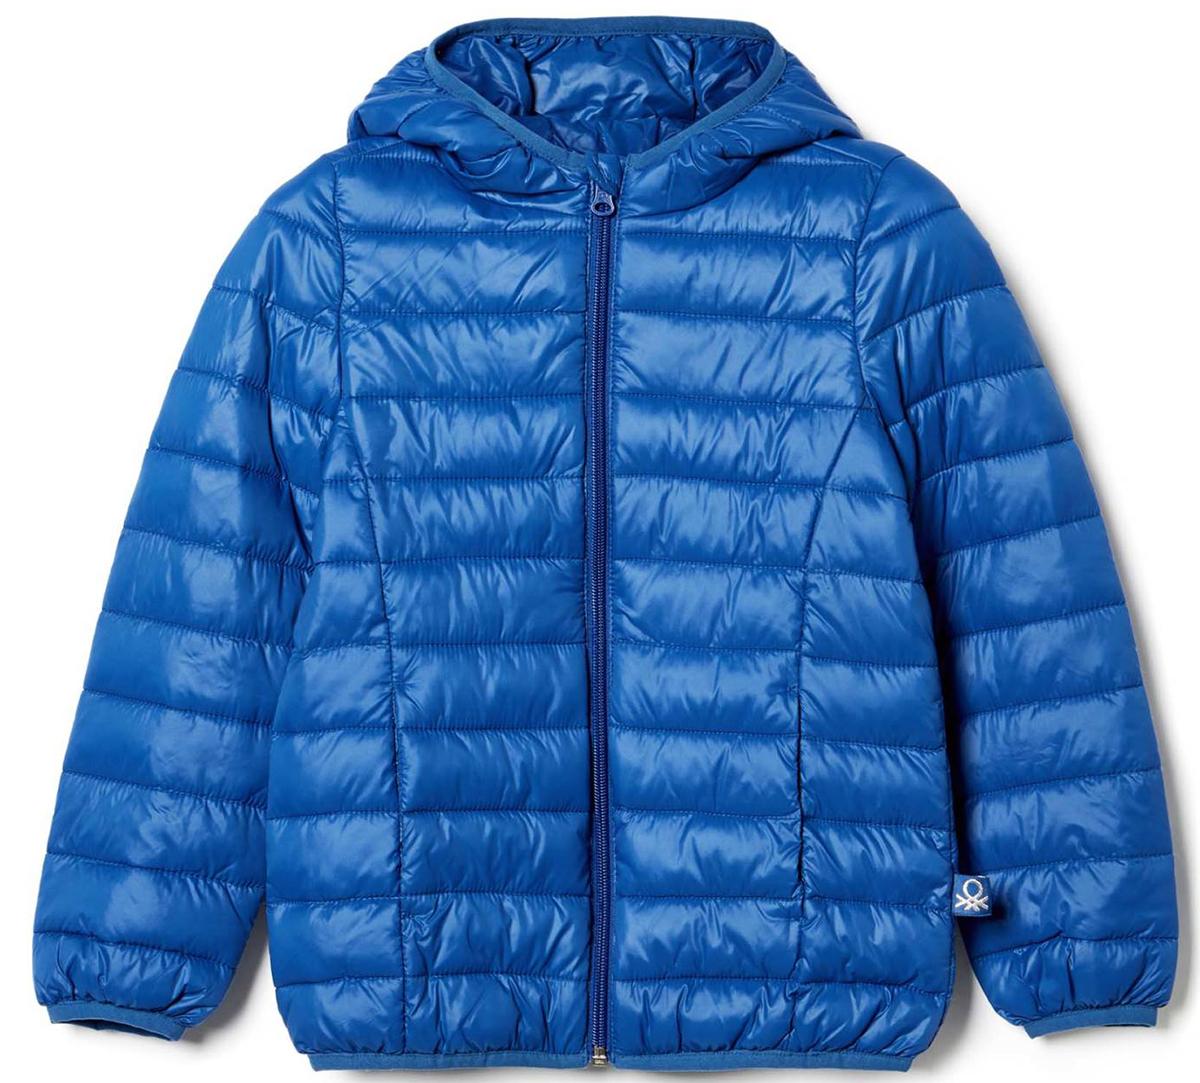 Куртка для девочки United Colors of Benetton, цвет: синий. 2RQ453AO0_13C. Размер 1302RQ453AO0_13CКуртка для девочки United Colors of Benetton выполнена из полиэстера. Модель с капюшоном застегивается на застежку-молнию.